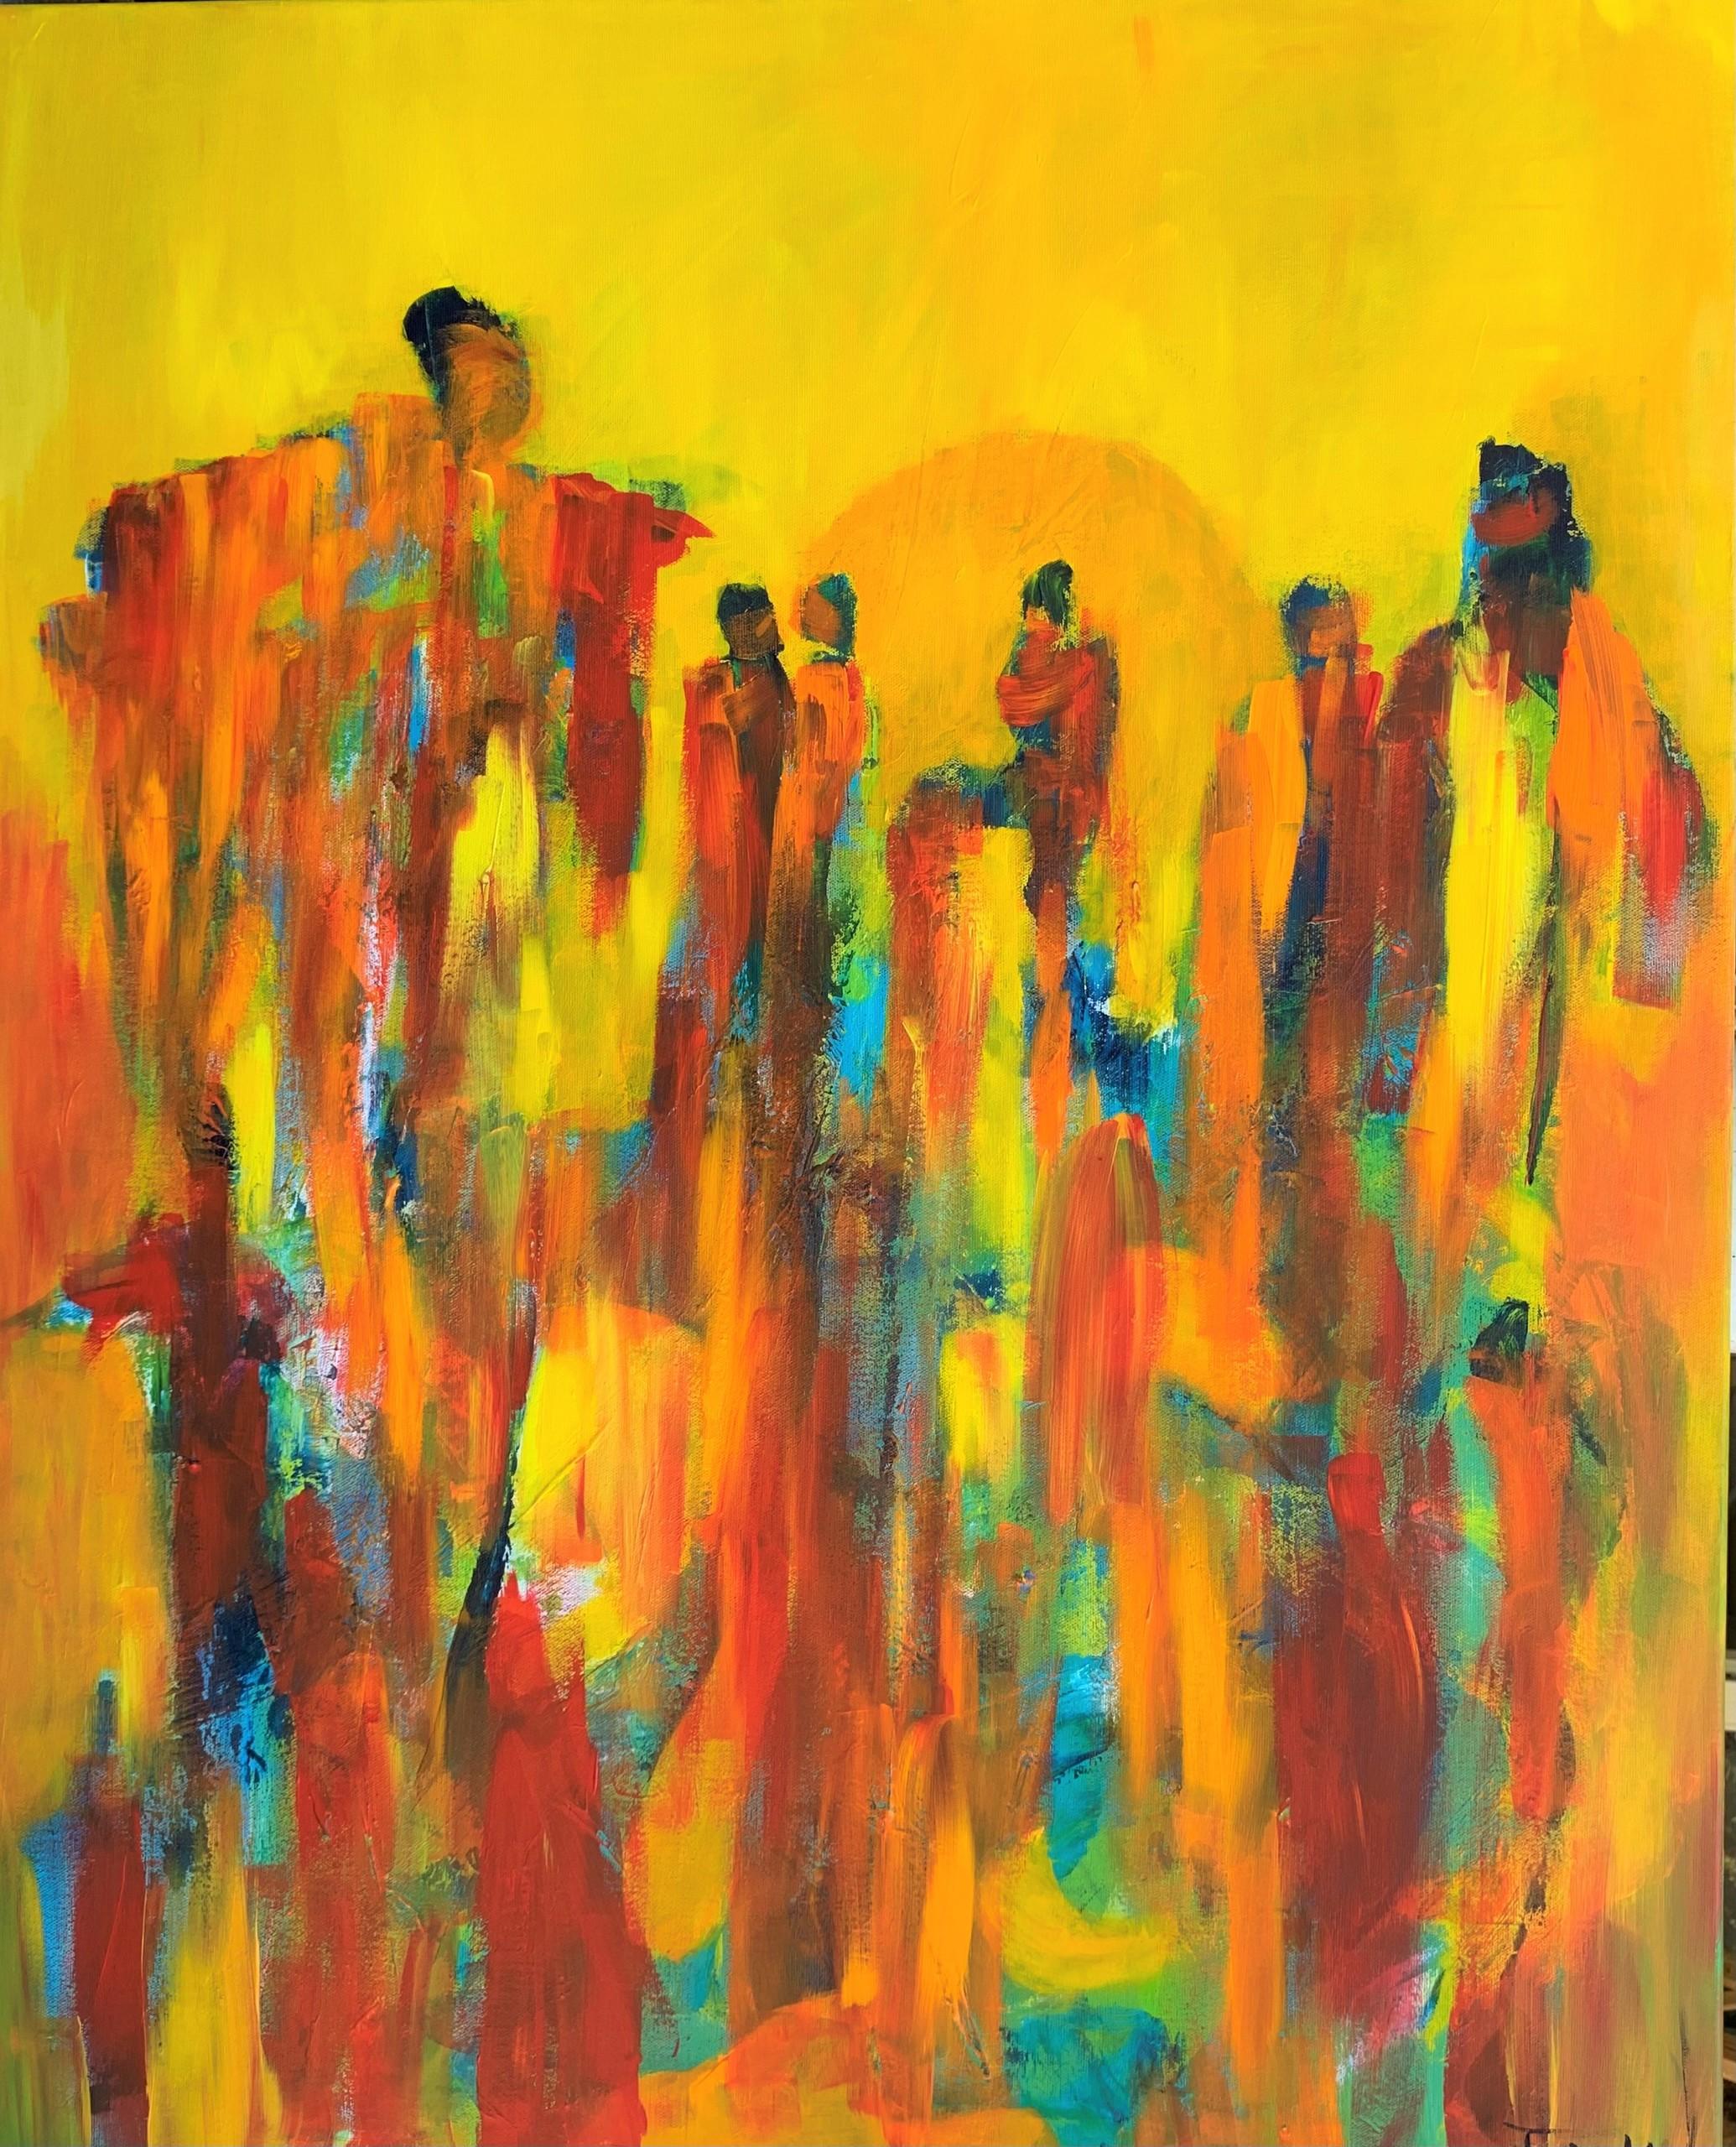 Maleriet er inspireret efter en udstilling med Cobra-kunstnerne, som malede ekspressive og fantasifulde malerier. Målet med maleriet er at vække fantasien, når beskuerne danner meninger om maleriet.